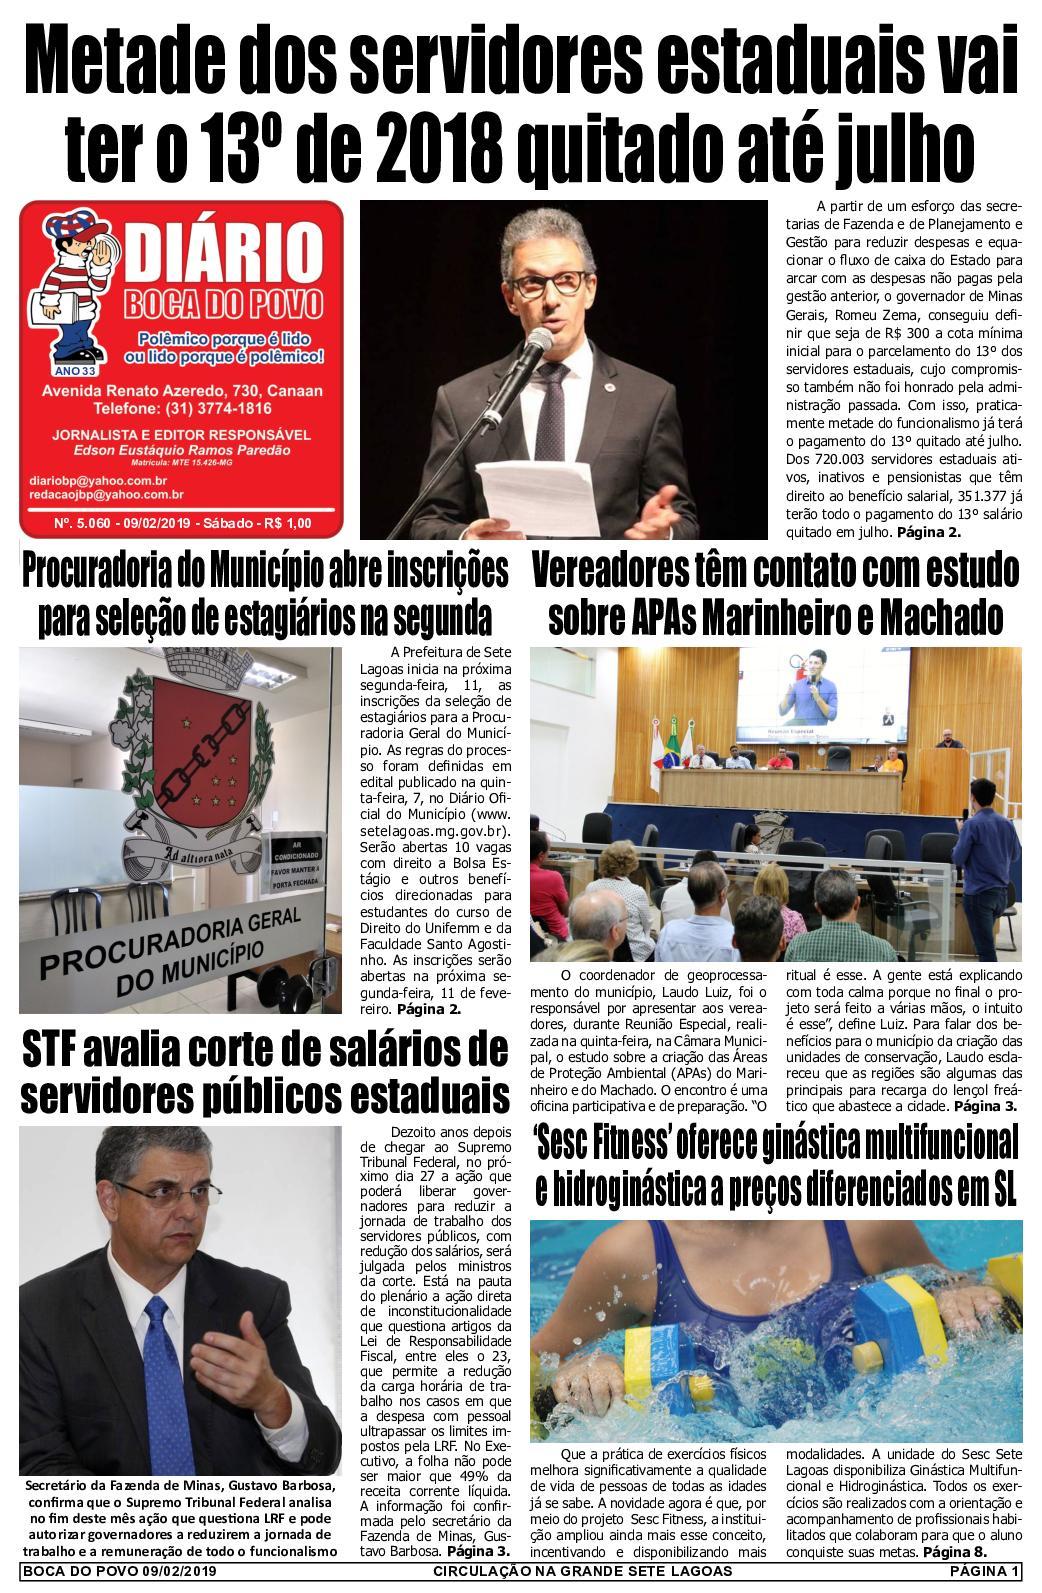 Calaméo - Jornal Diário Boca do Povo de sábado dia 9 de